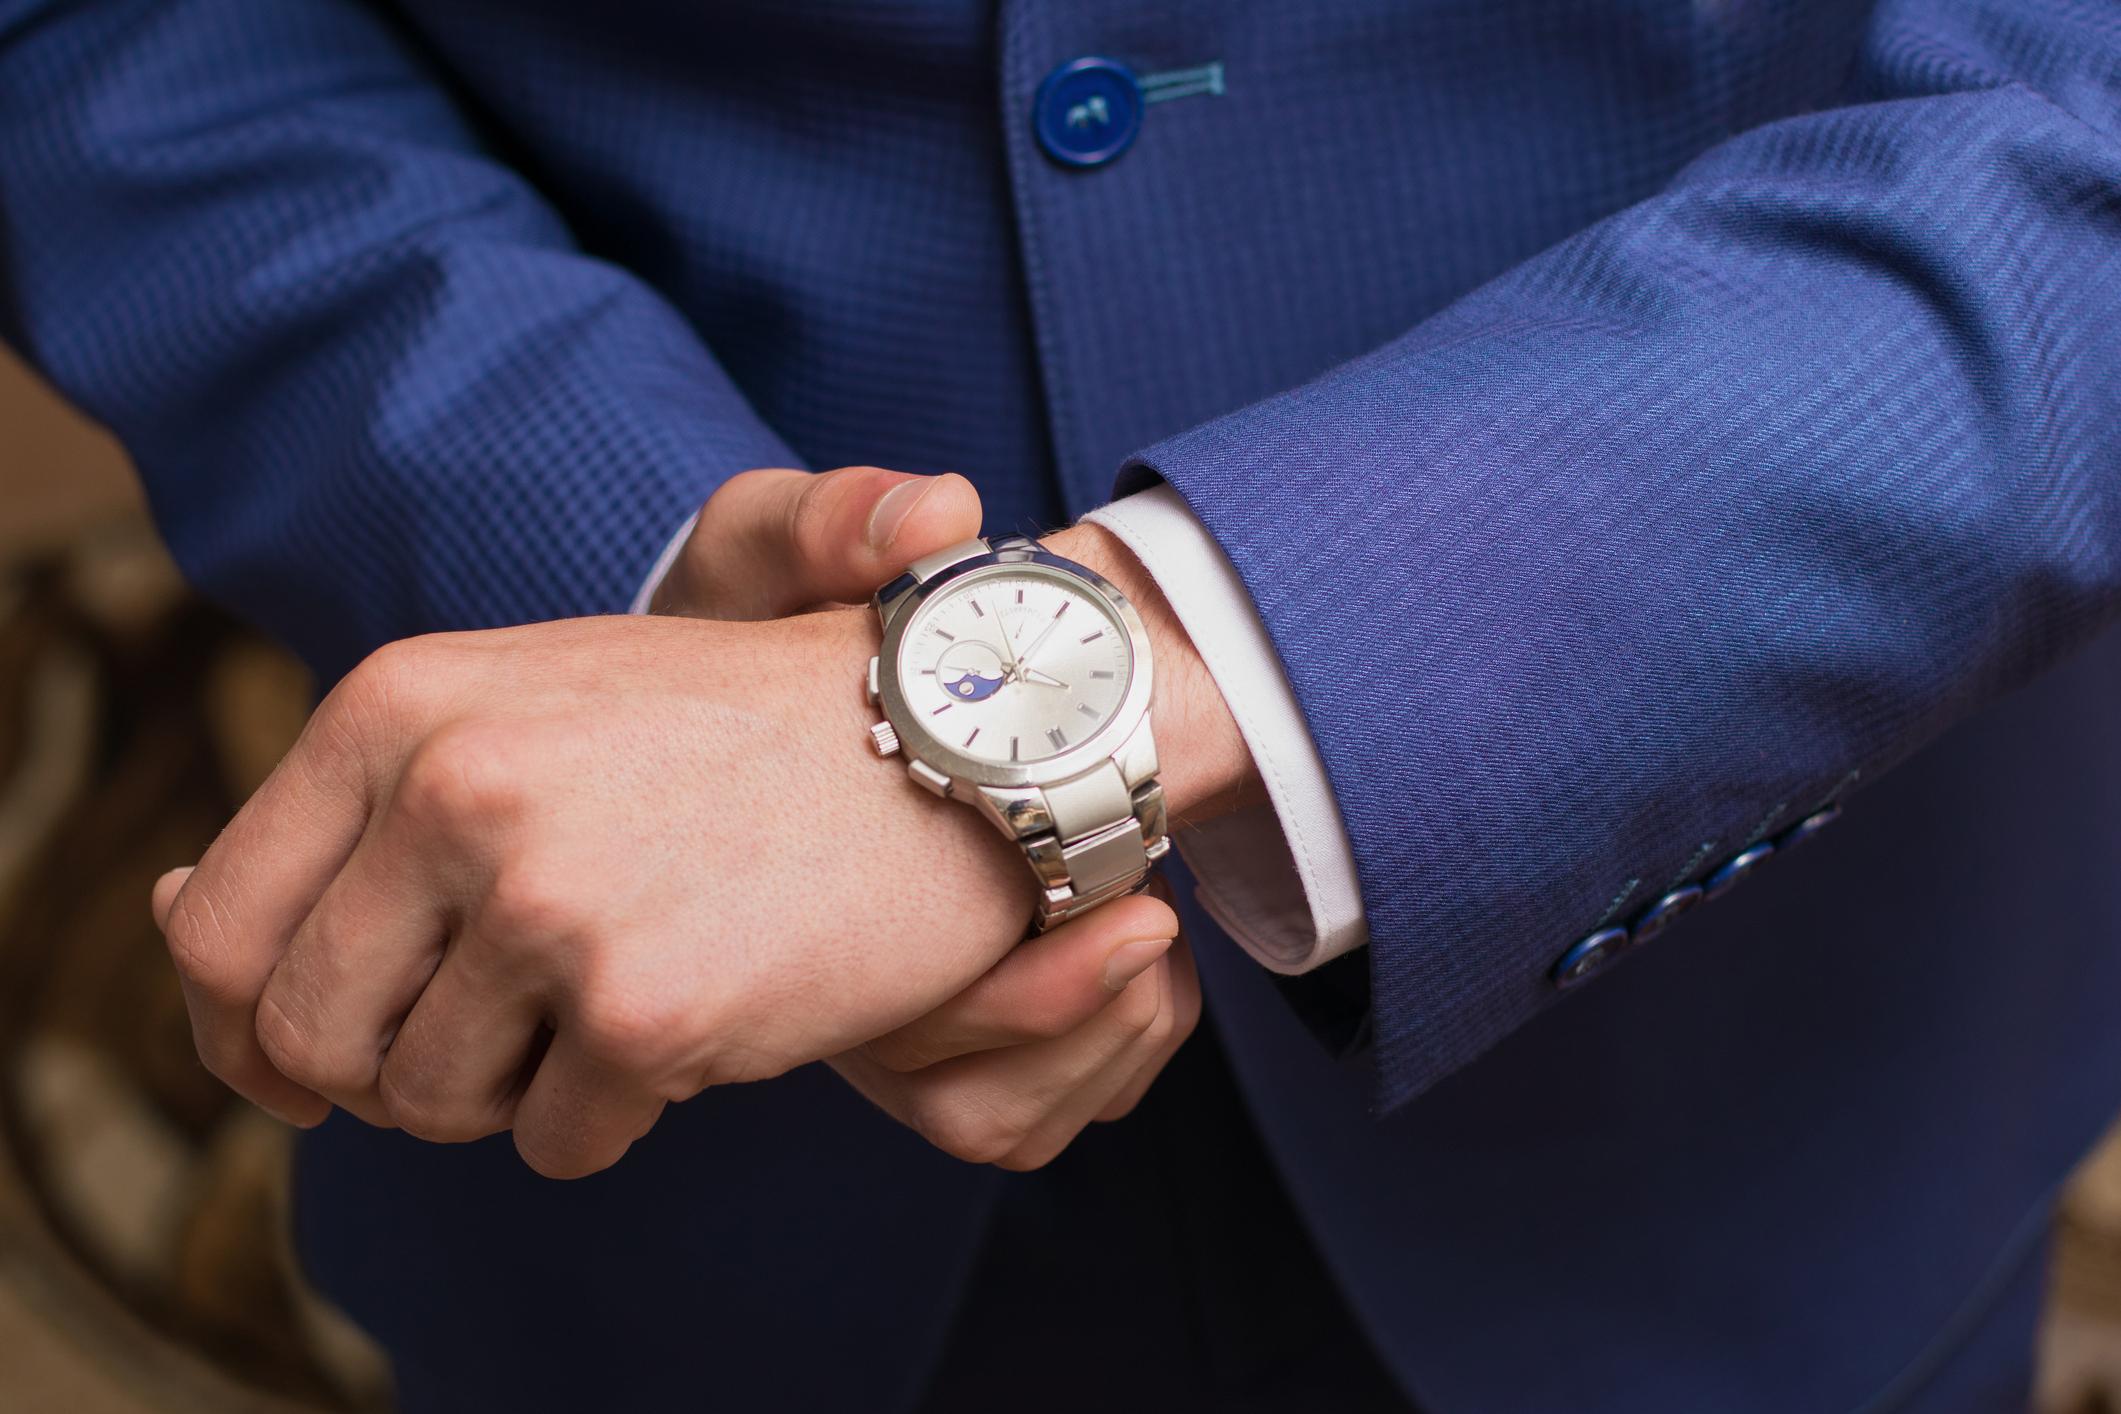 Намерете аксесоар, който да е като втората ви кожа<br /> <br /> <br /> Ако имате часовник или някаква гривна, които да носите всеки ден, те се превръщат във вашата запазена марка. Нещото, което ви отличава от всеки друг. Въпросът тук е, да откриете онова нещо, което ще ви харесва, ще ви бъде удобно и ще ви прави различен.